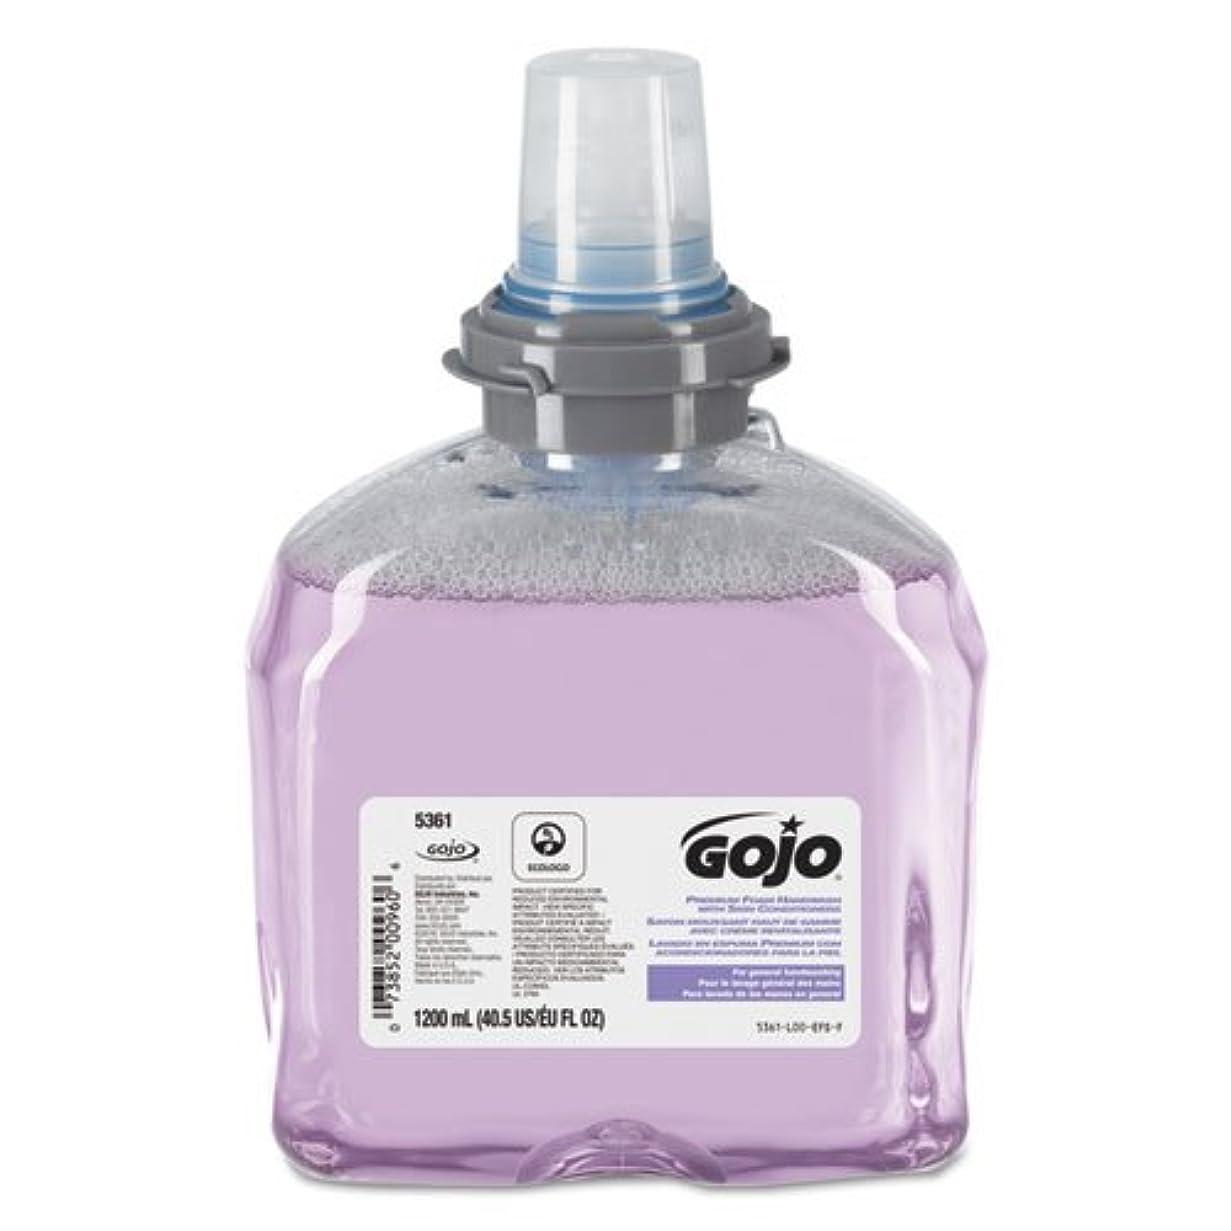 見かけ上無線味goj536102 – TFX Luxury Foam Hand Wash